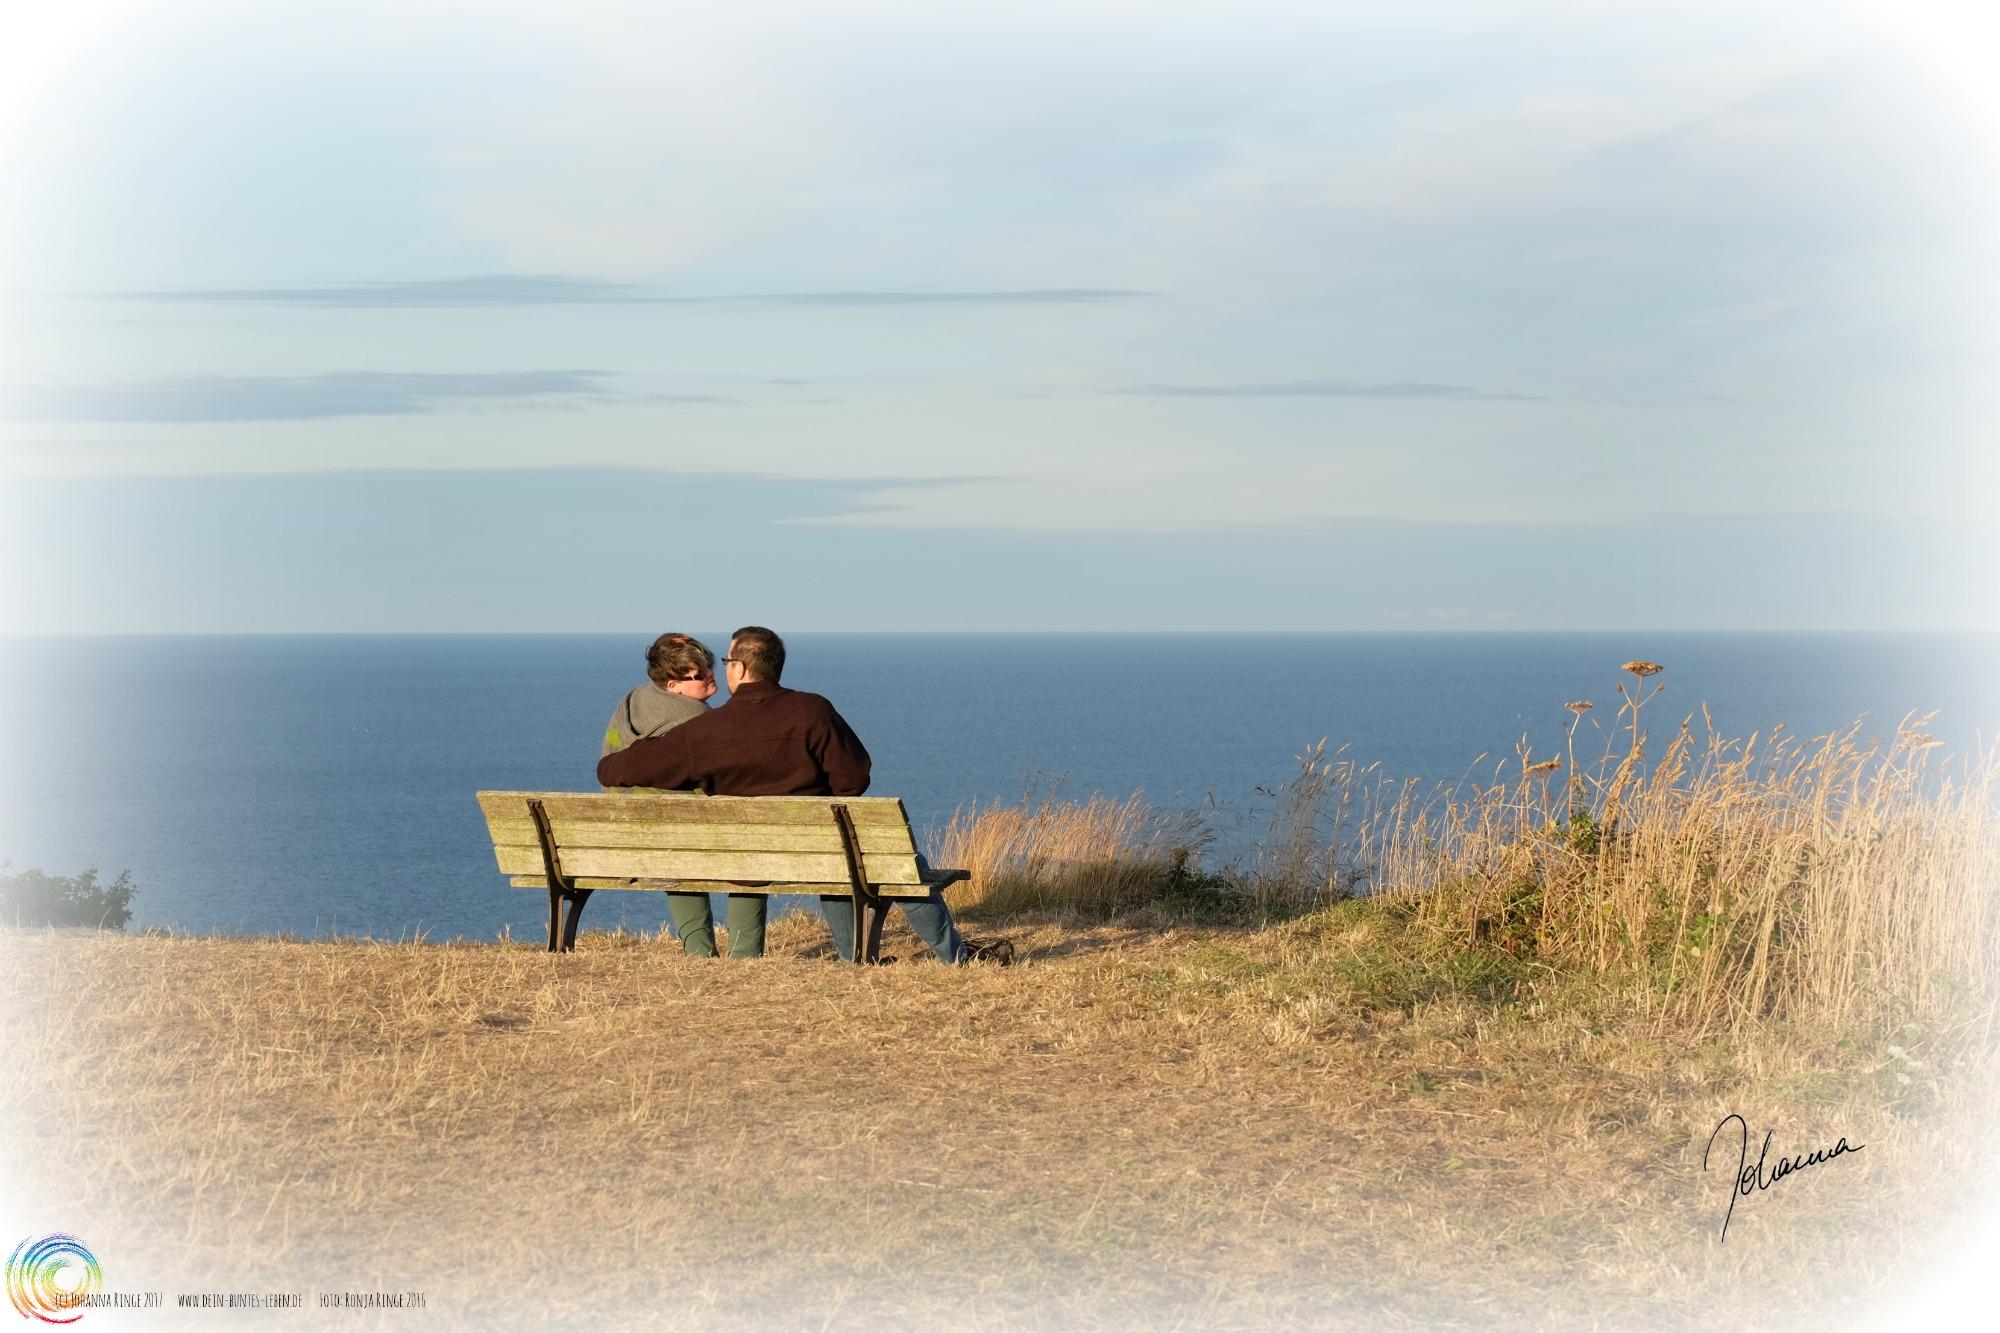 Liebe: Foto von Paar auf Bank am Meer. (c) Johanna Ringe 2017 www.johanna-ringe.coach Foto von Ronja Ringe 2016